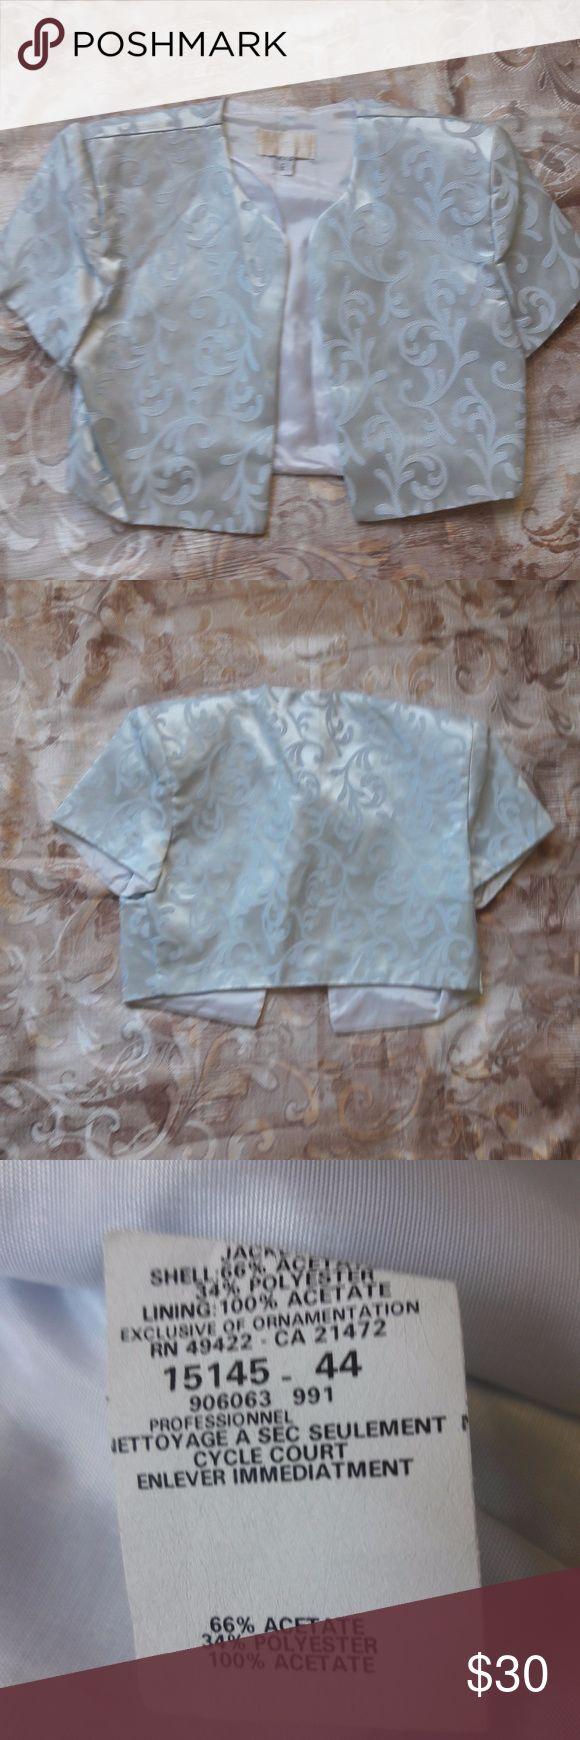 Scott McClintock Women's 6 Pale Blue Silver Short Scott McClintock Women's 6 Pale Blue Silver Short Sleeve Jacket Formal Top Scott McClintock Jackets & Coats